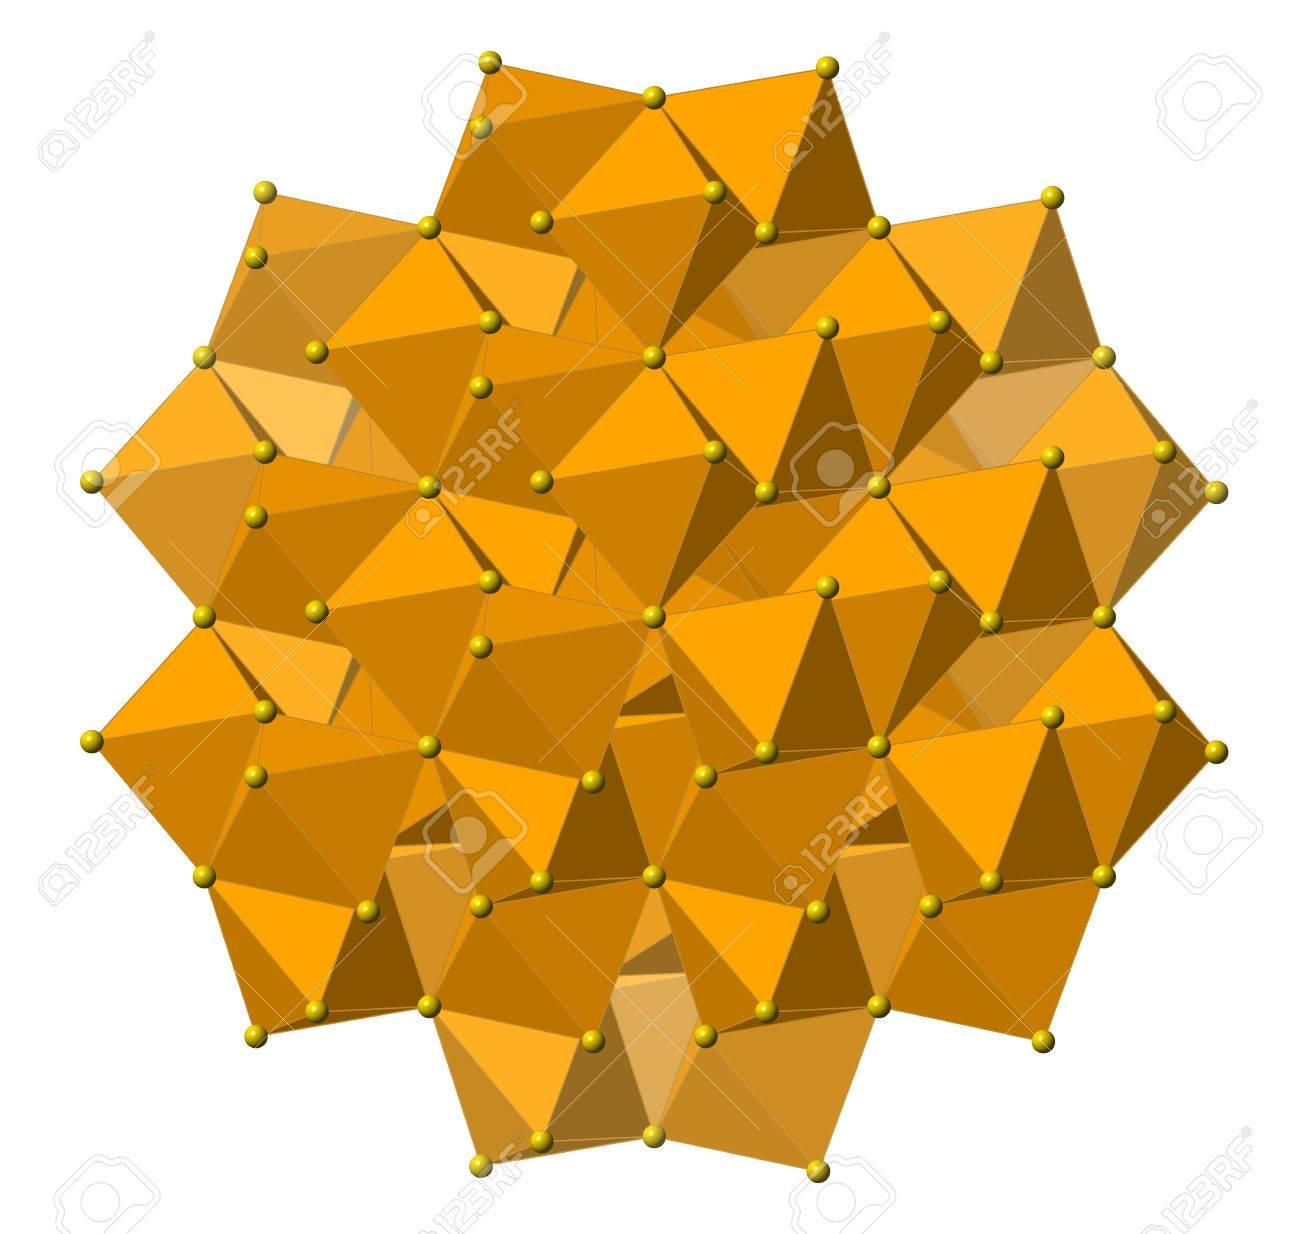 Pirita Oro De Los Tontos Fe2s Mineral Estructura Cristalina Los átomos Que Se Muestran Como Esferas Y Poliedros Hierro Marrón Azufre